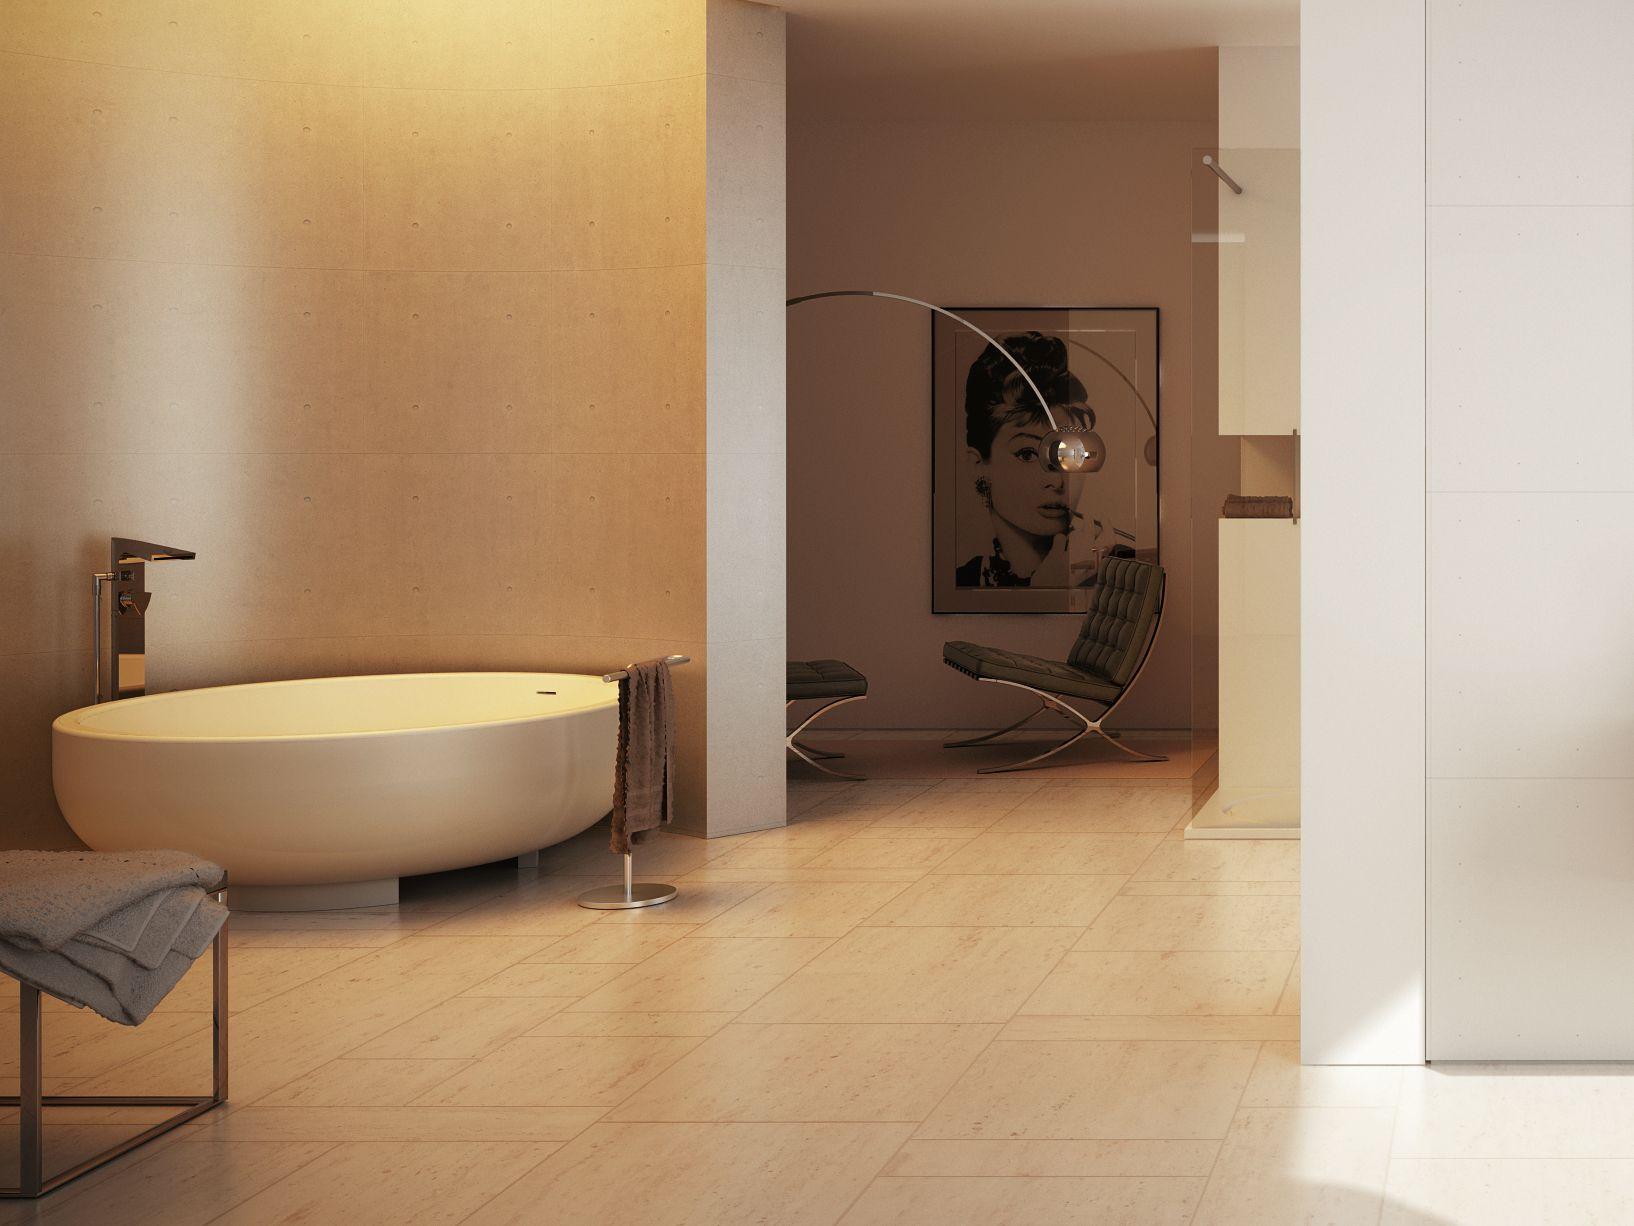 Vasca Da Bagno Tonda : Vasche da bagno rotonde vasca da bagno rotonda idee per la casa